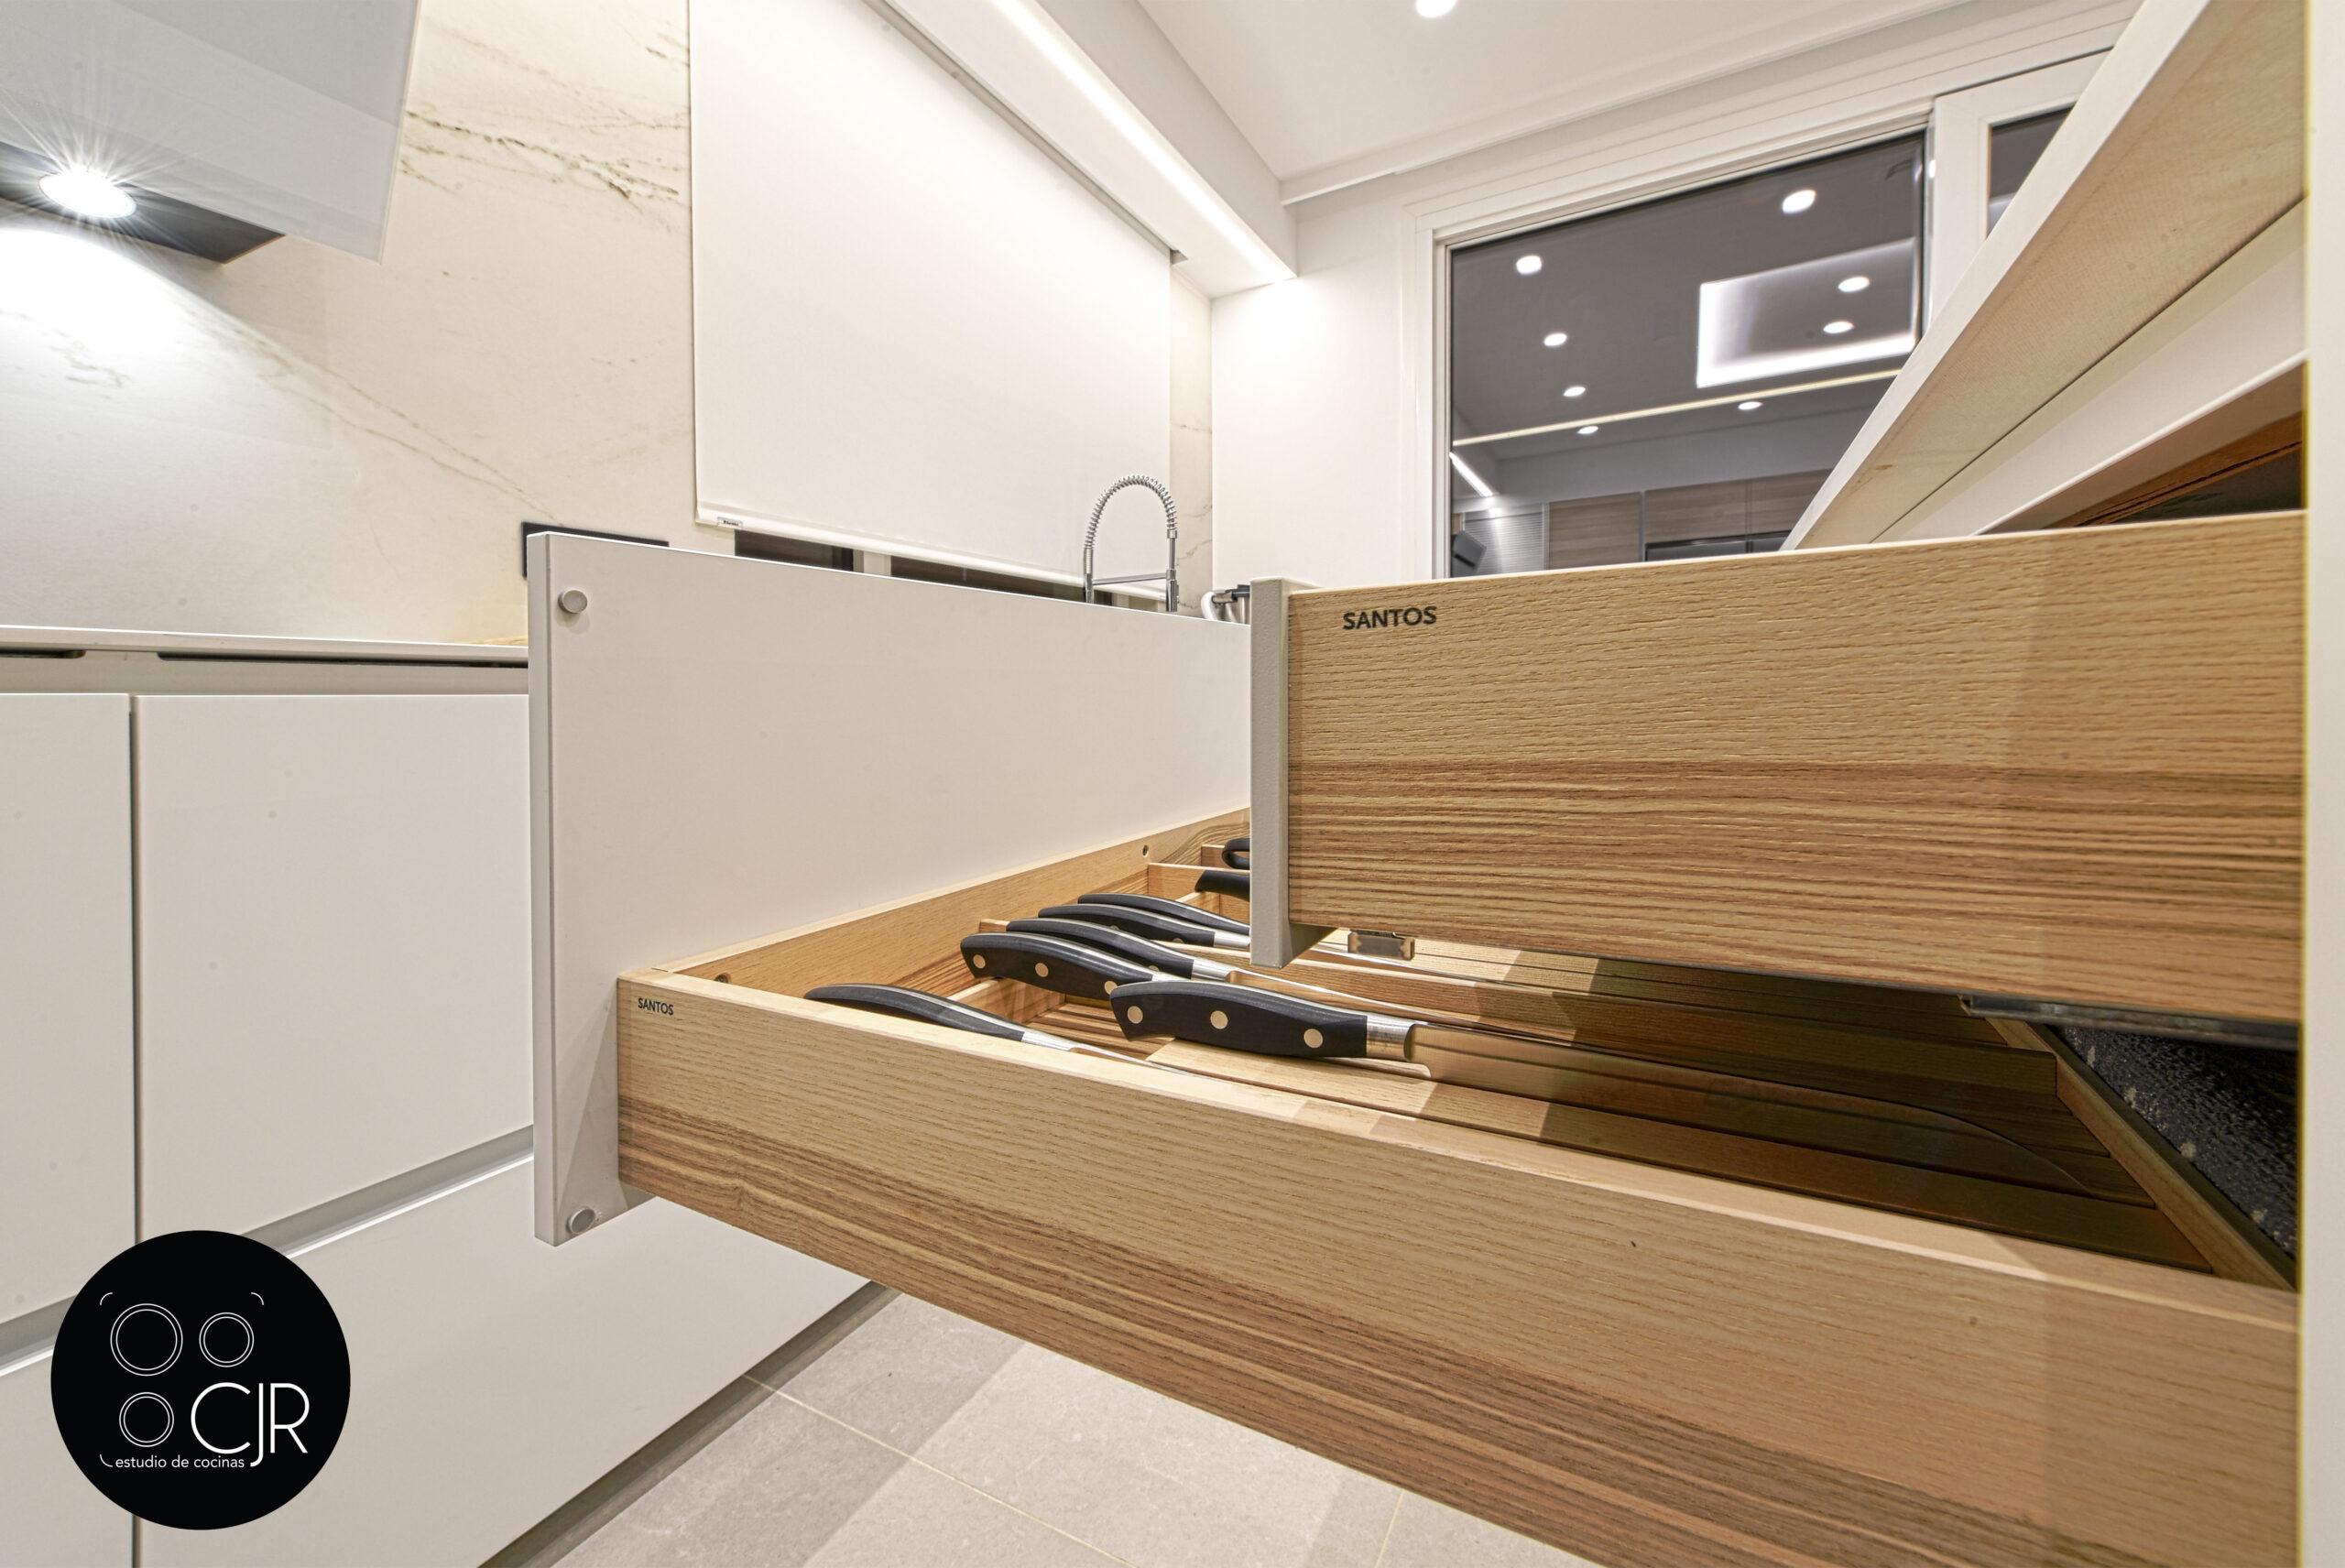 Interior cajones en madera Cocina con isla blanca y madera